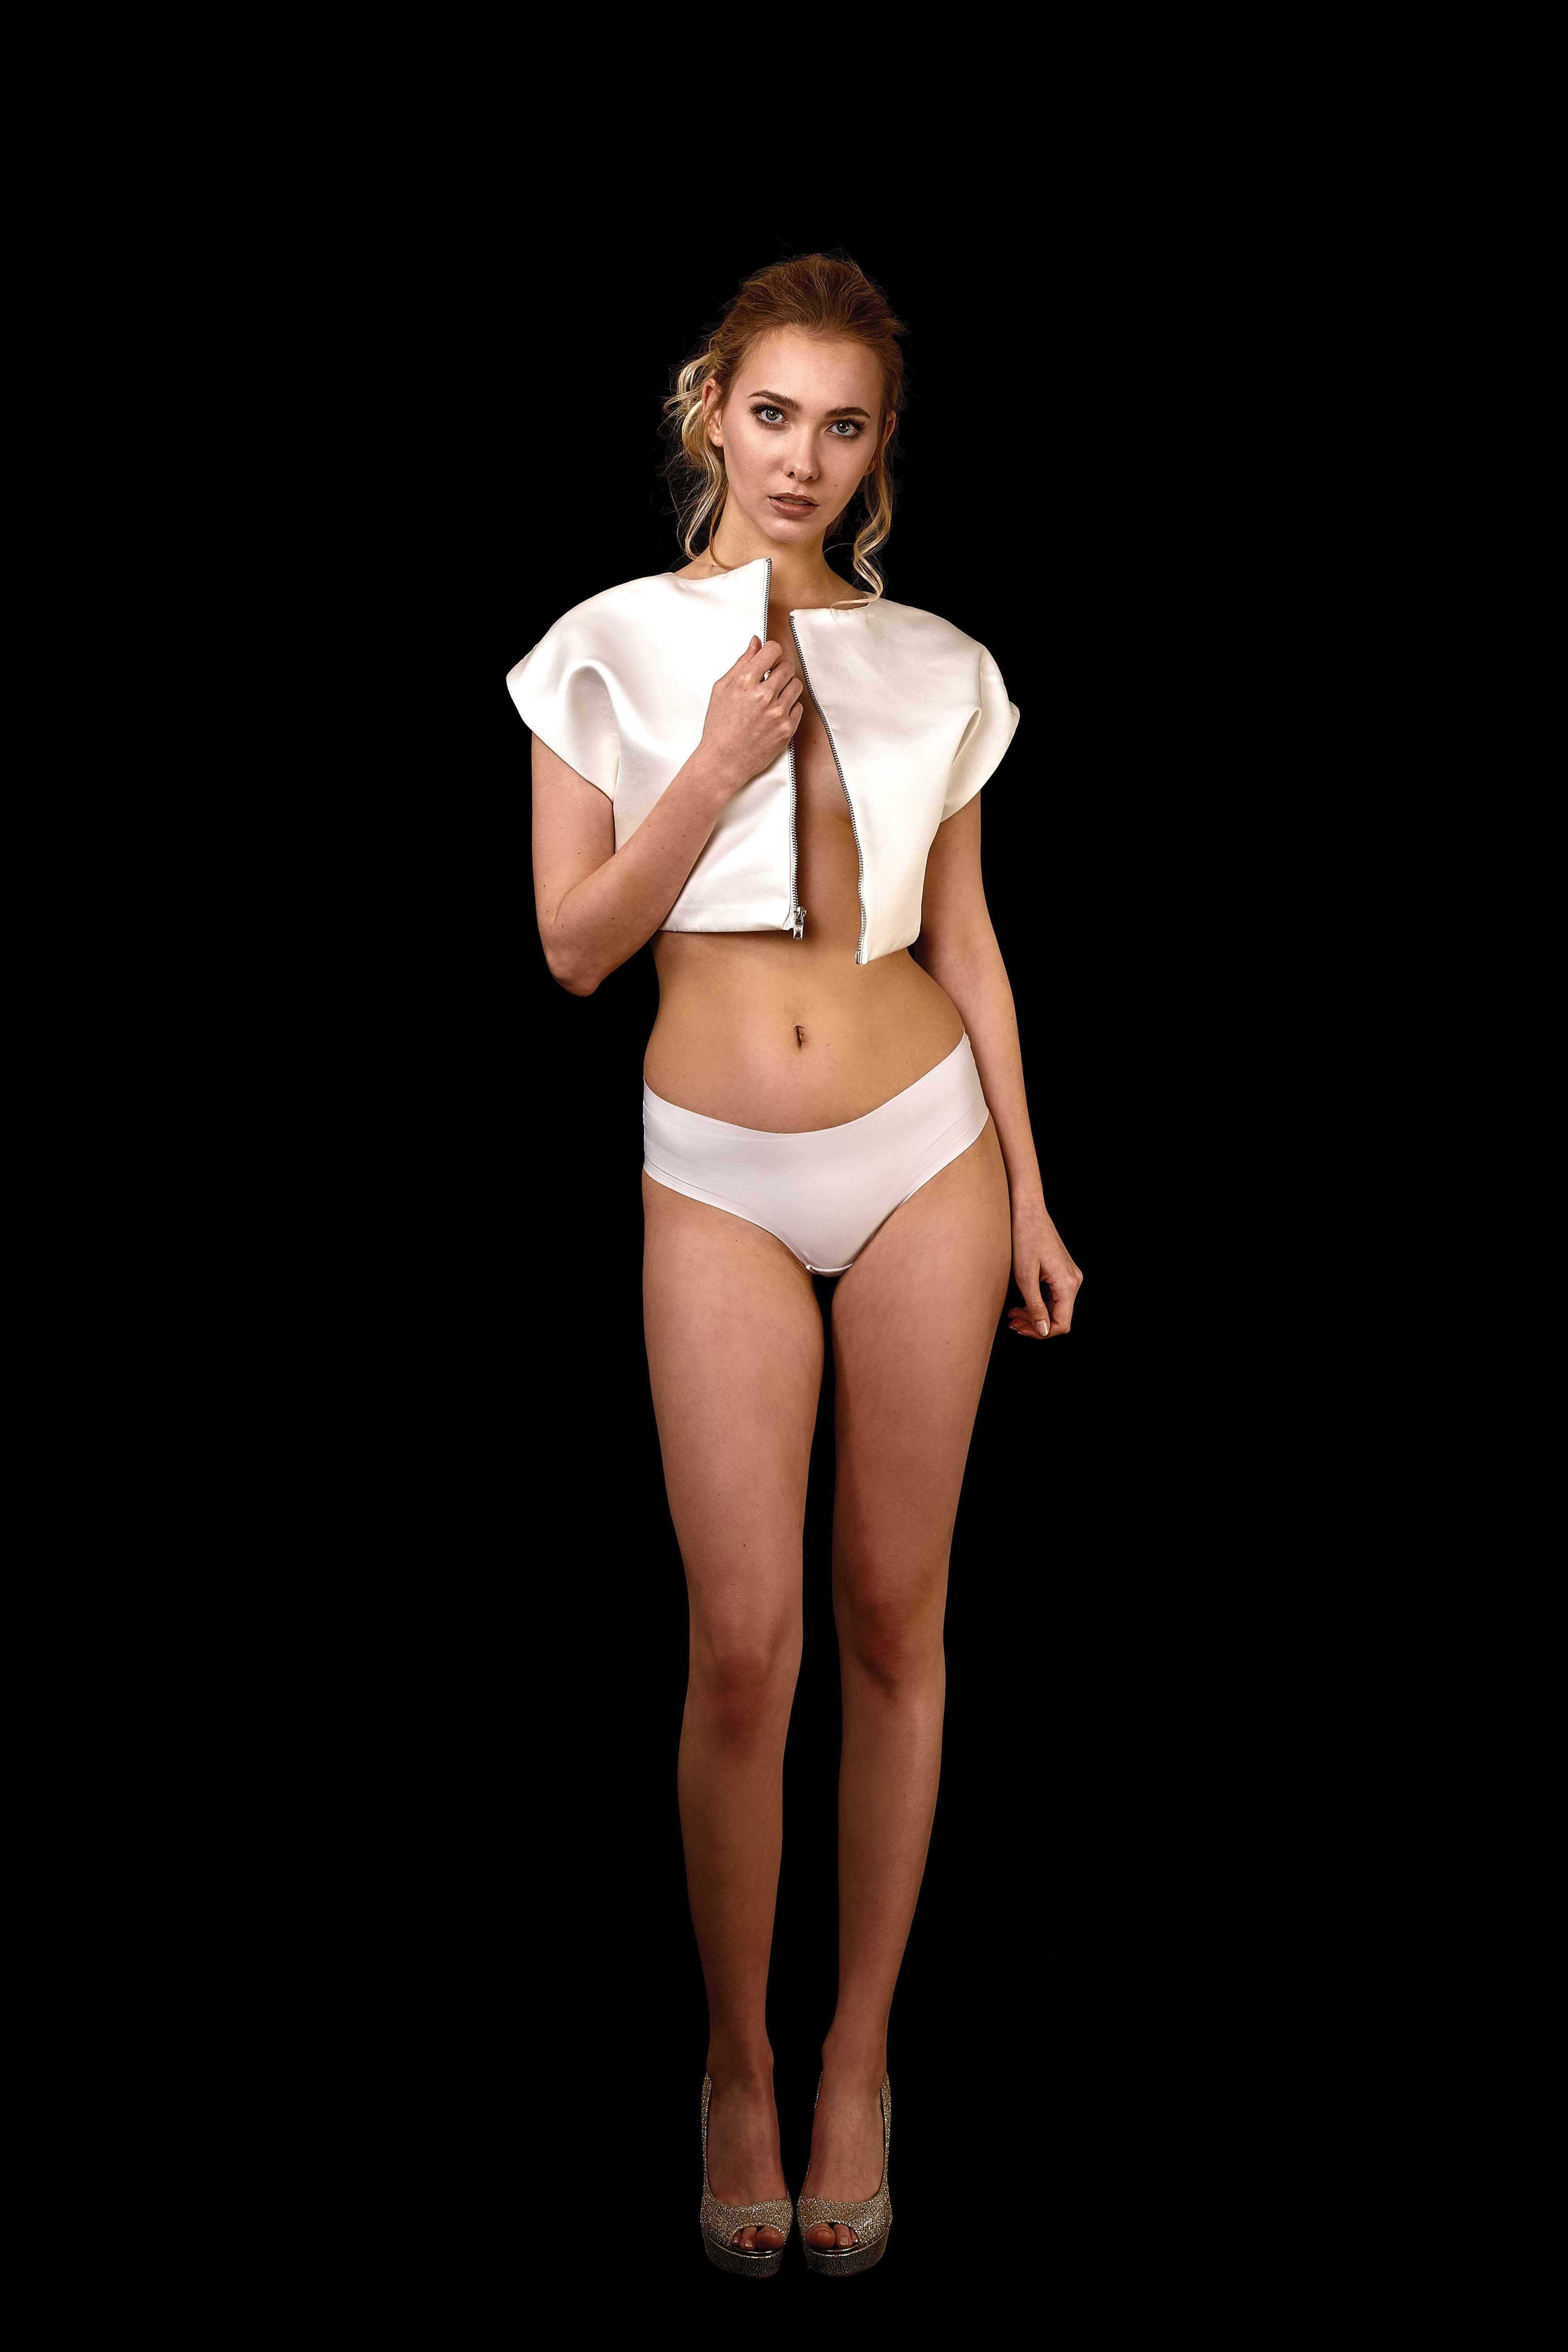 Vorderansicht kurzes Duchesse Top in ivory mit Metall Reißverschluss, kann auch als kurze Jacke genutzt werden